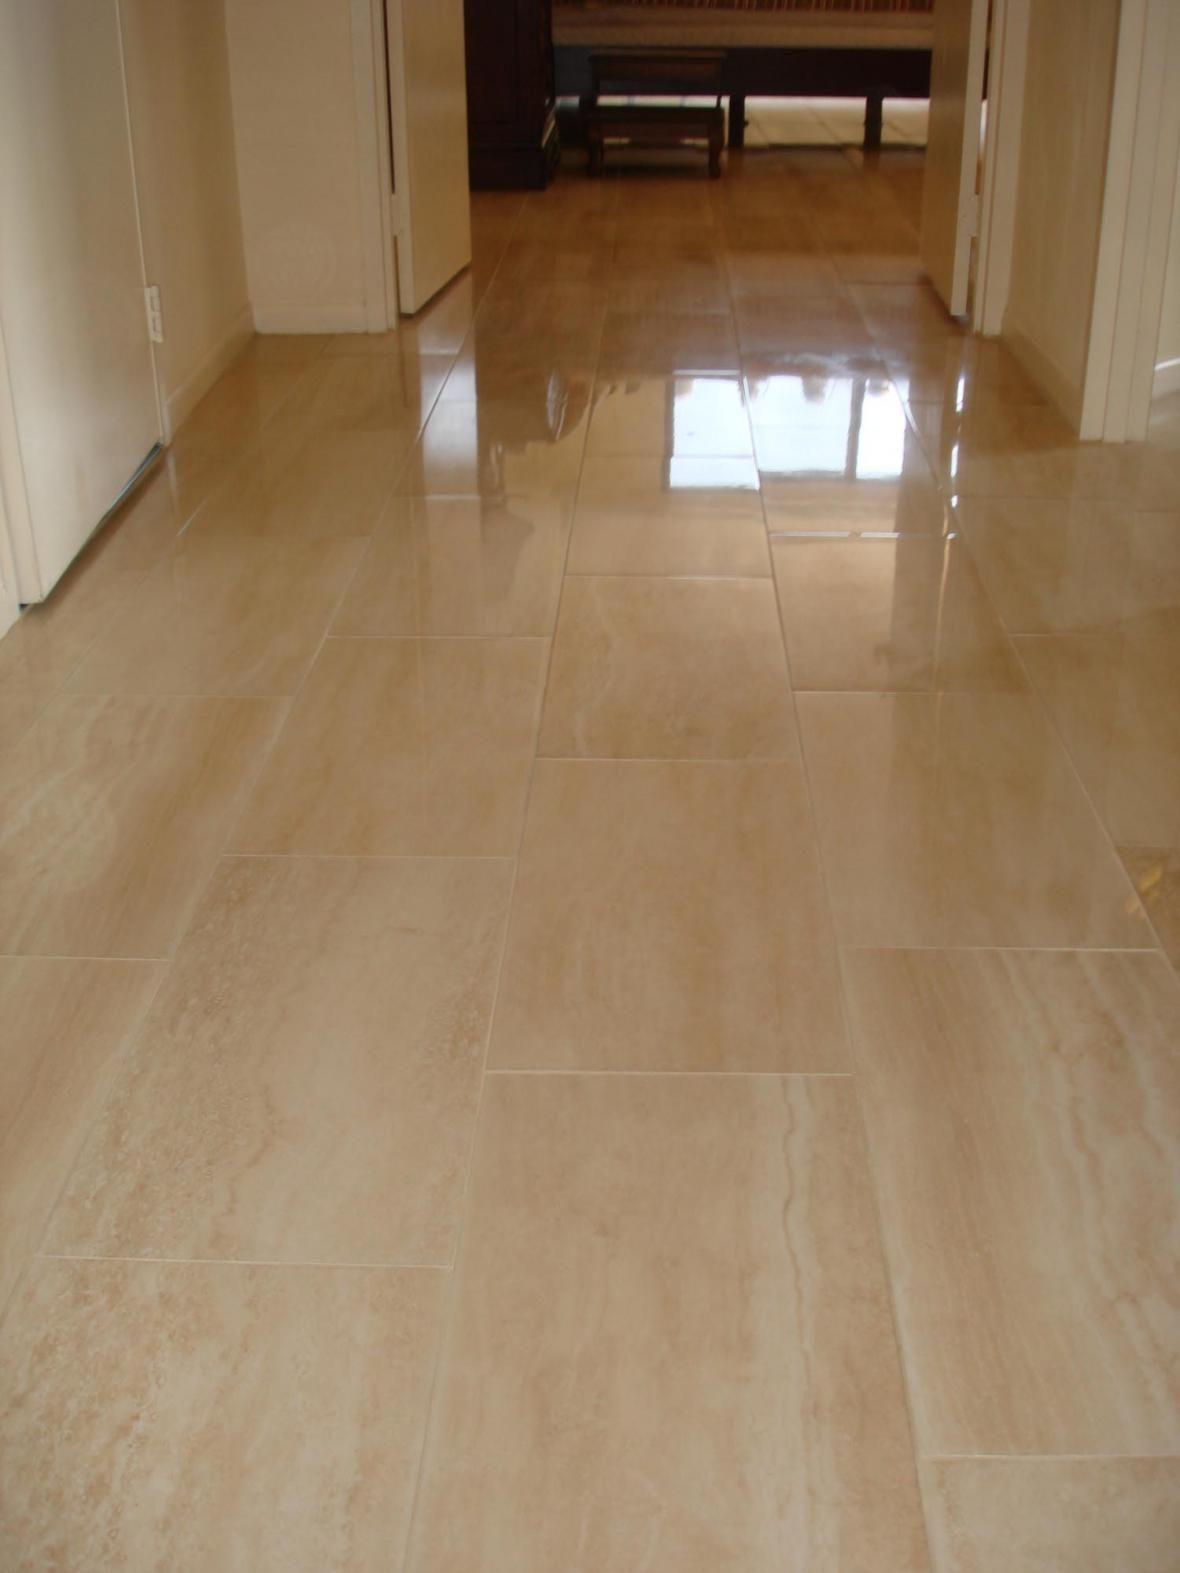 Porcelain Tile Floor In Hallway Porcelain Flooring Porcelain